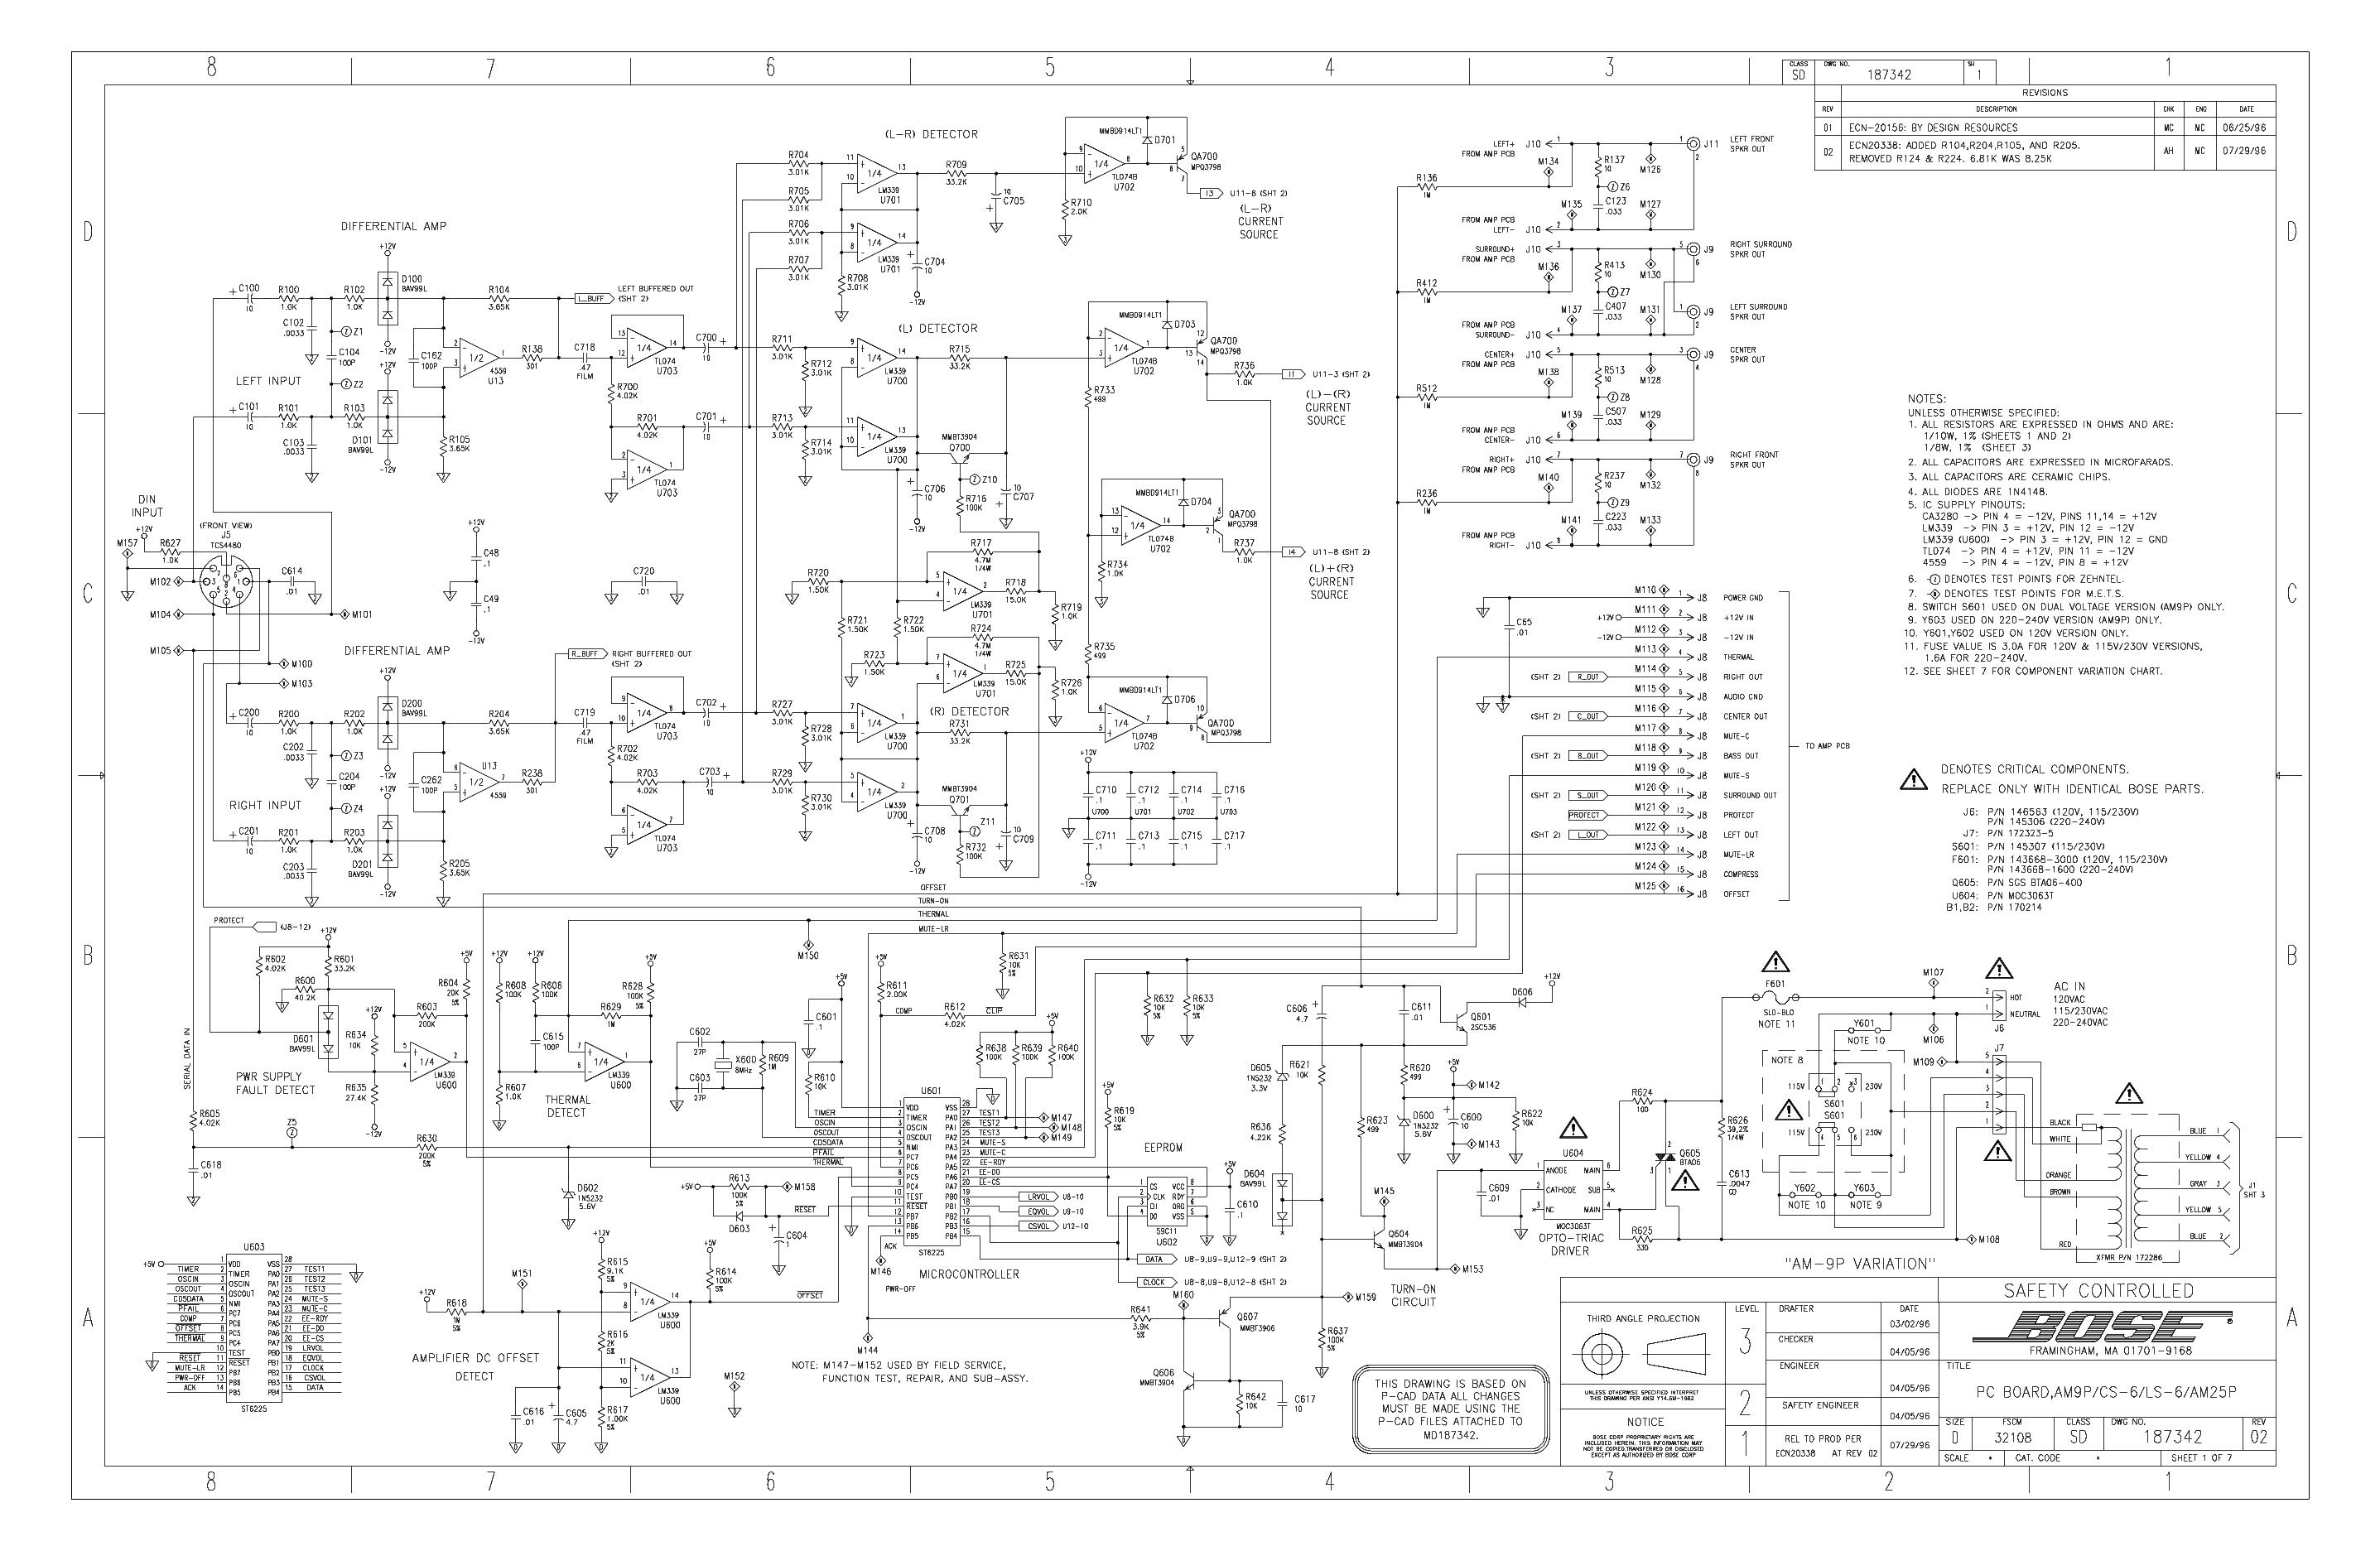 Cinemate Bose Wiring Diagram Diagrams For Dummies Speakers 321 Hdmi Library Rh 48 Yoobi De Speaker Wire